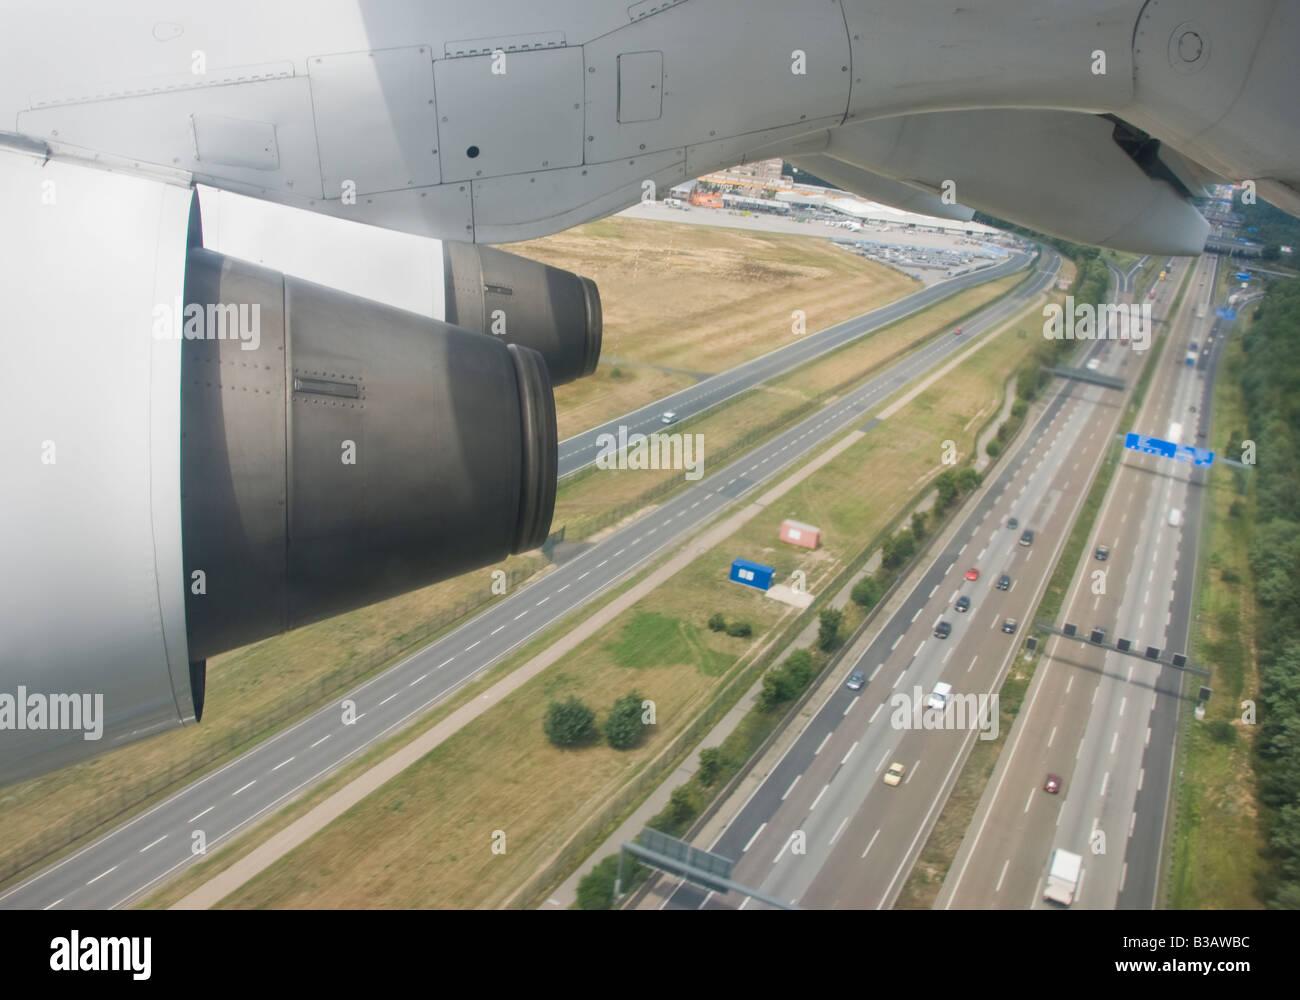 Un aereo sopra un'autostrada Immagini Stock